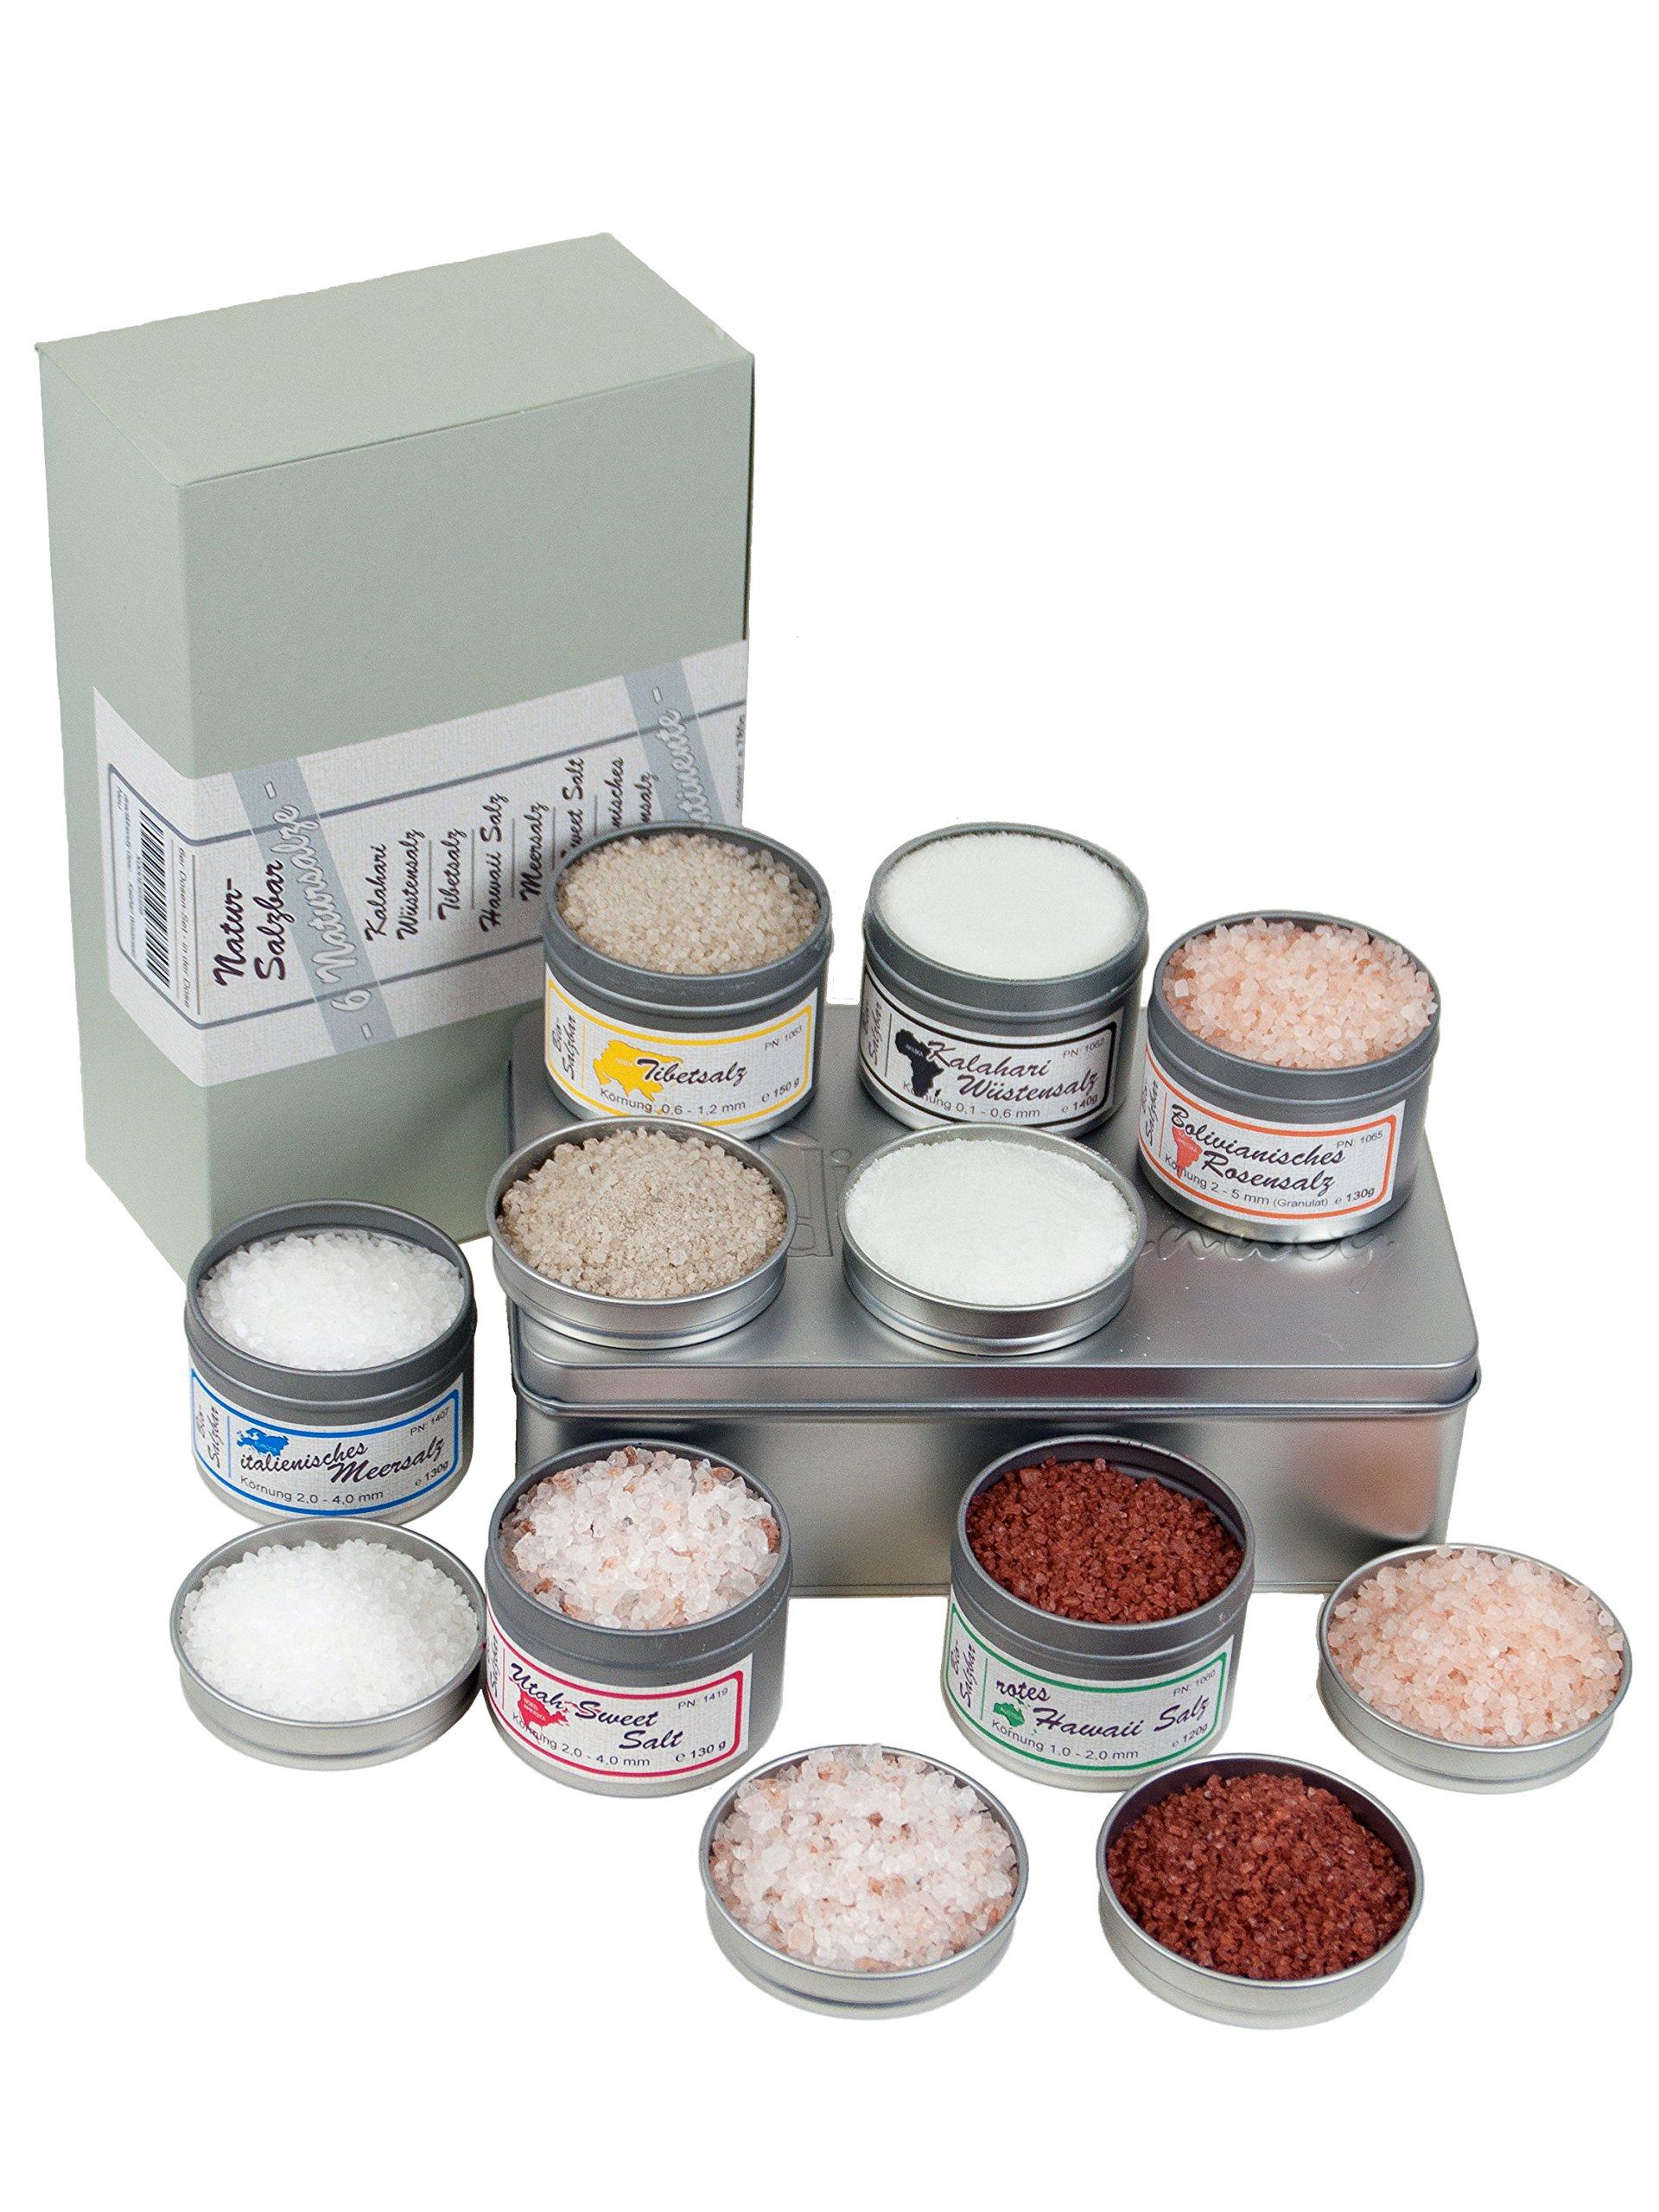 direct&friendly 6 Kontinente Salzbar Geschenkset mit unterschiedlichen Natursalzen aus aller Welt 4